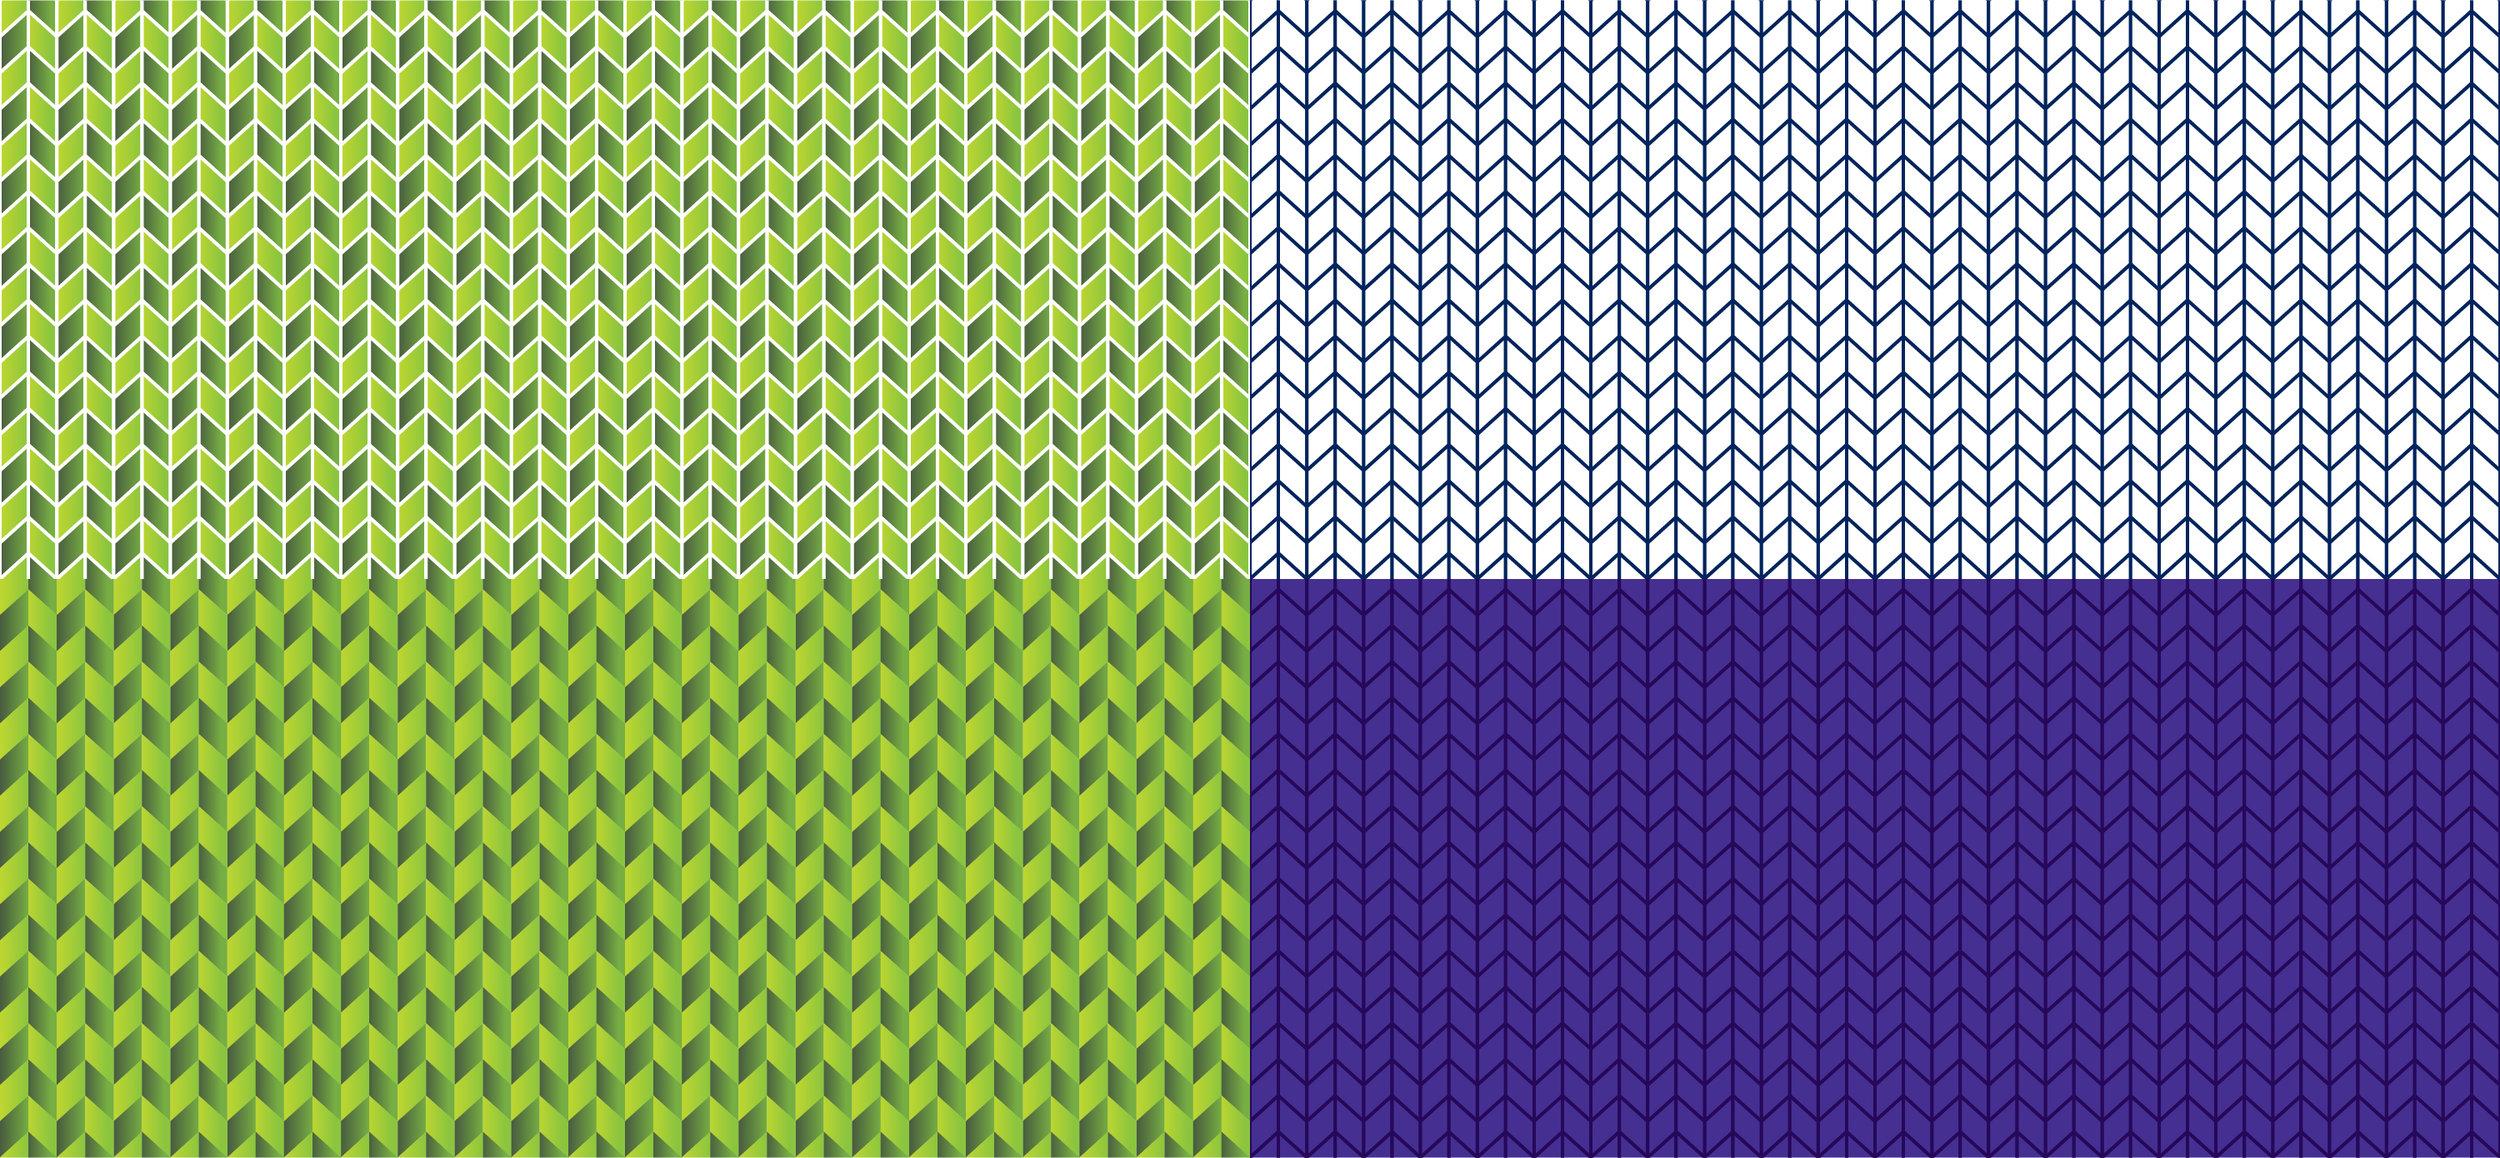 ronaldvillegas-qples-pattern.jpg